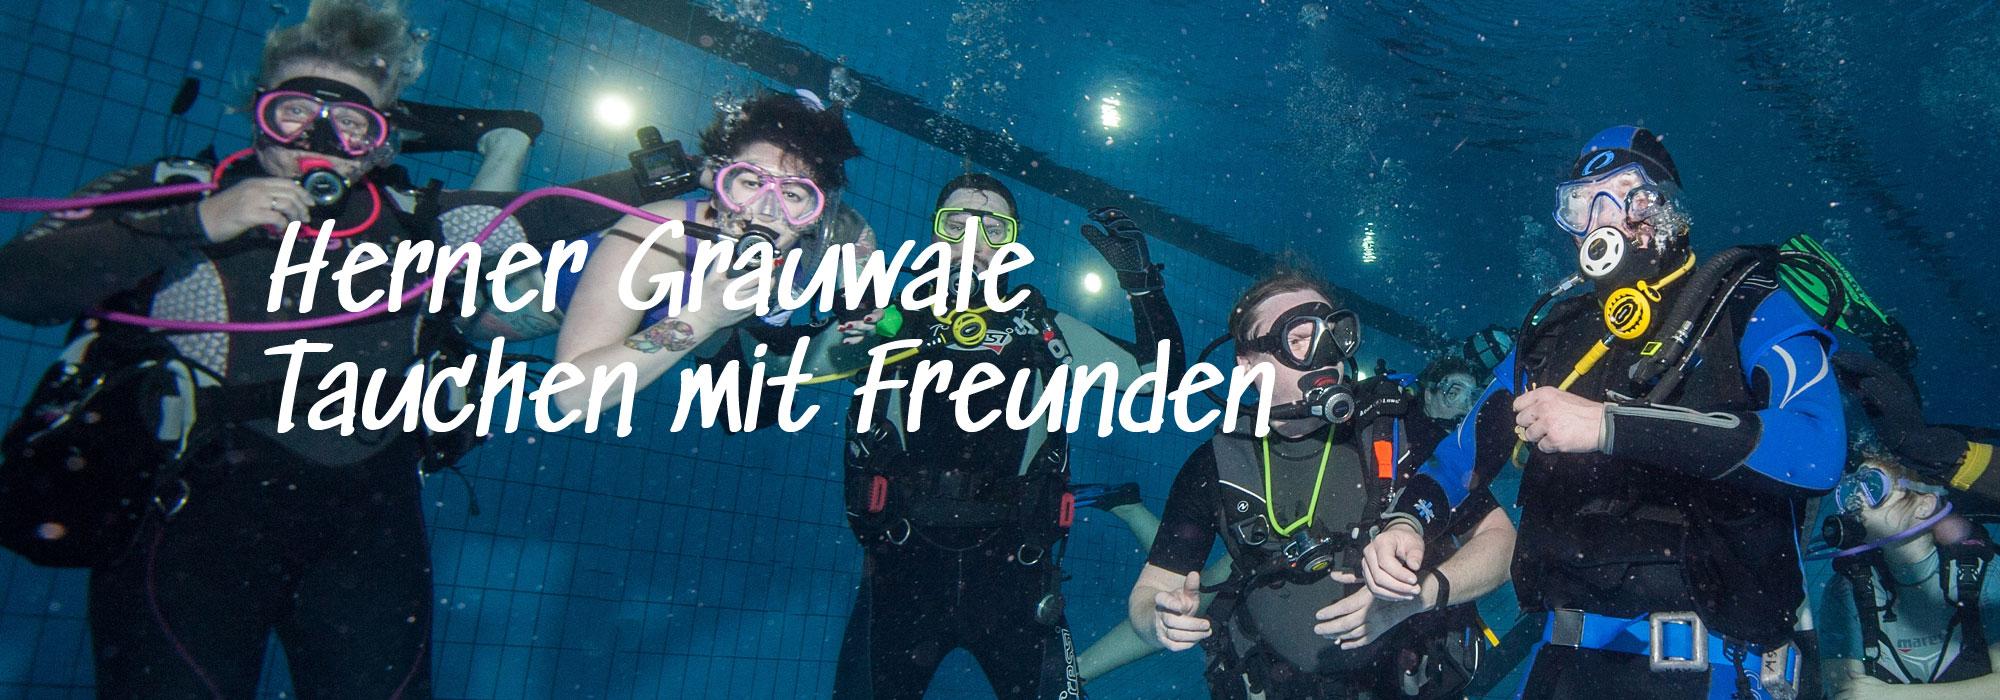 Herner Grauwale - Tauchen mit Freunden